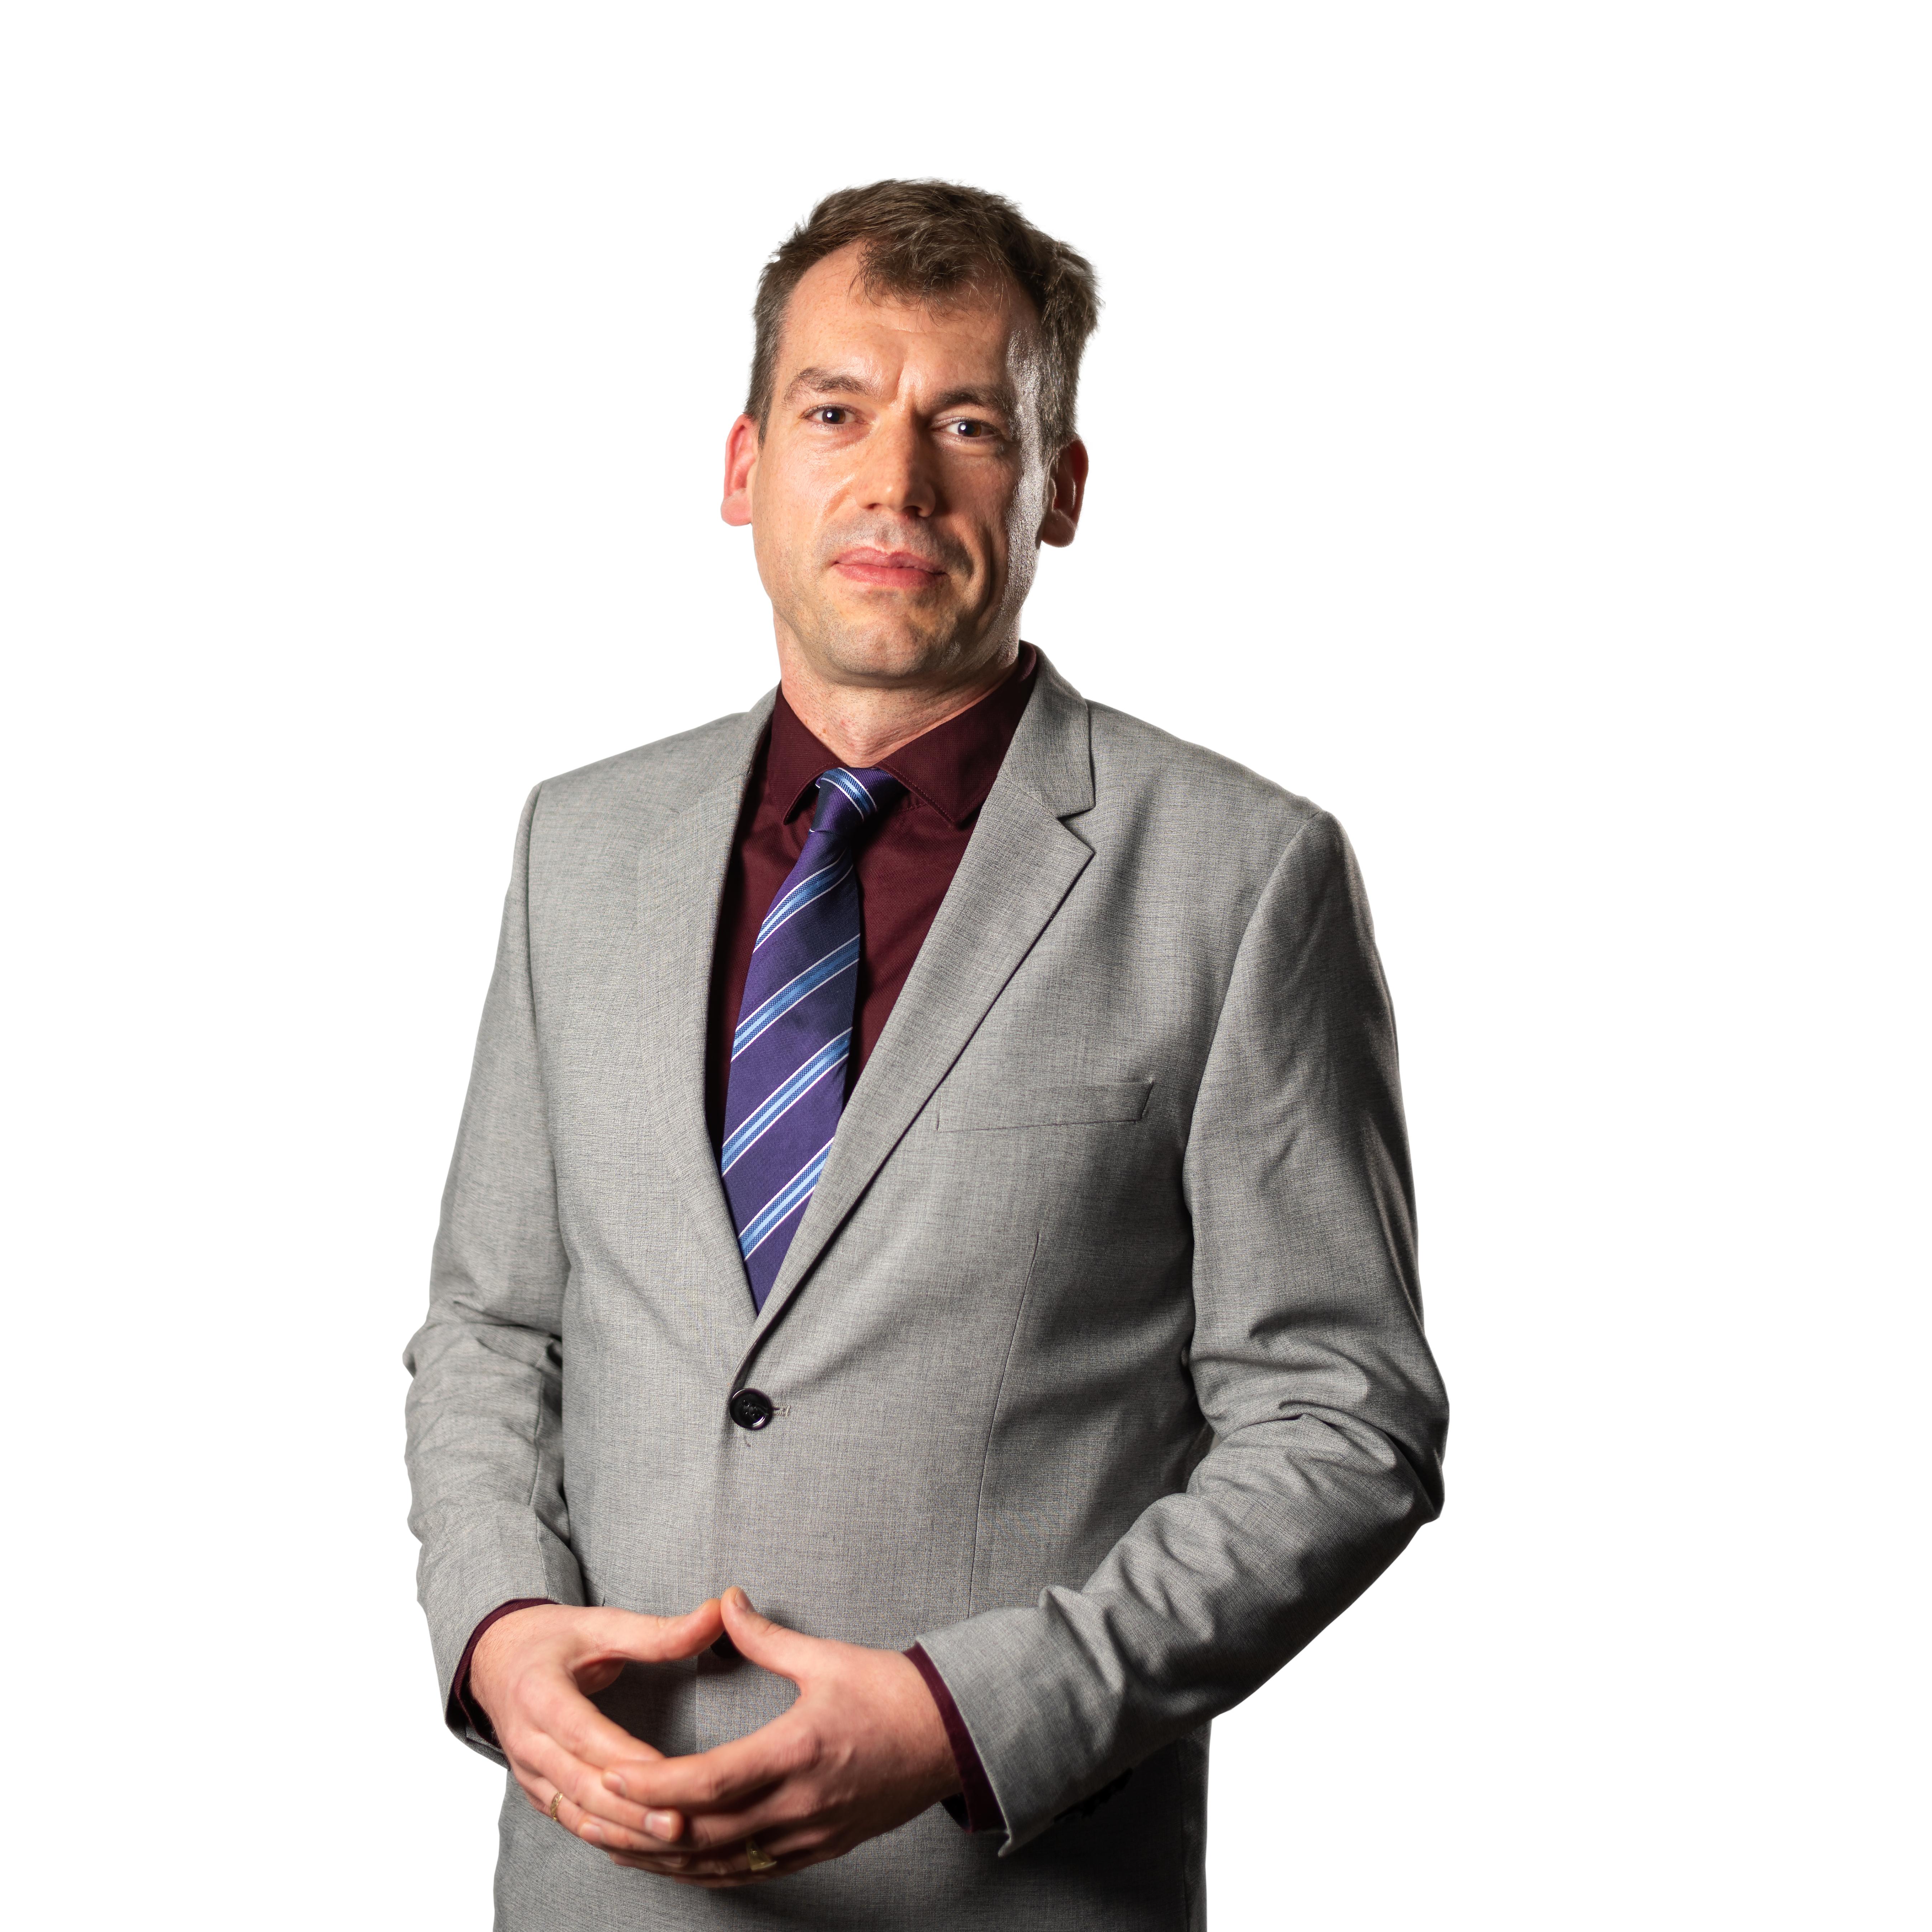 Radoslaw Kwiatkowski